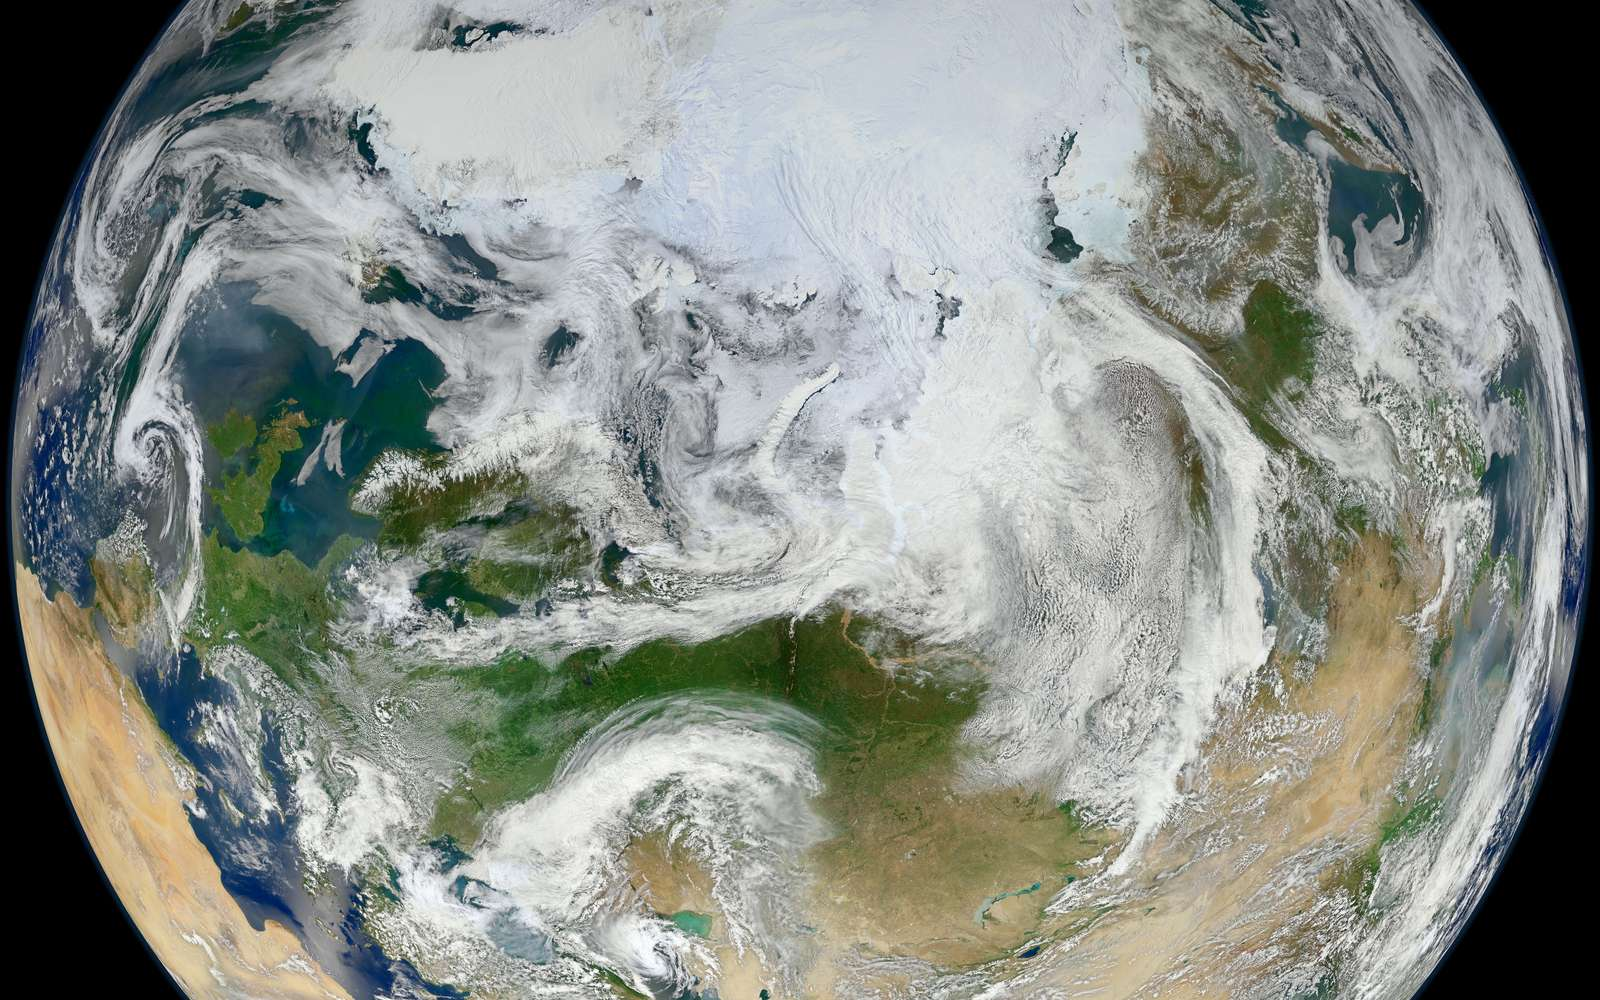 La Terre vue côté pôle Nord par le satellite météorologique Suomi NPP. © Nasa/GSFC/Suomi NPP